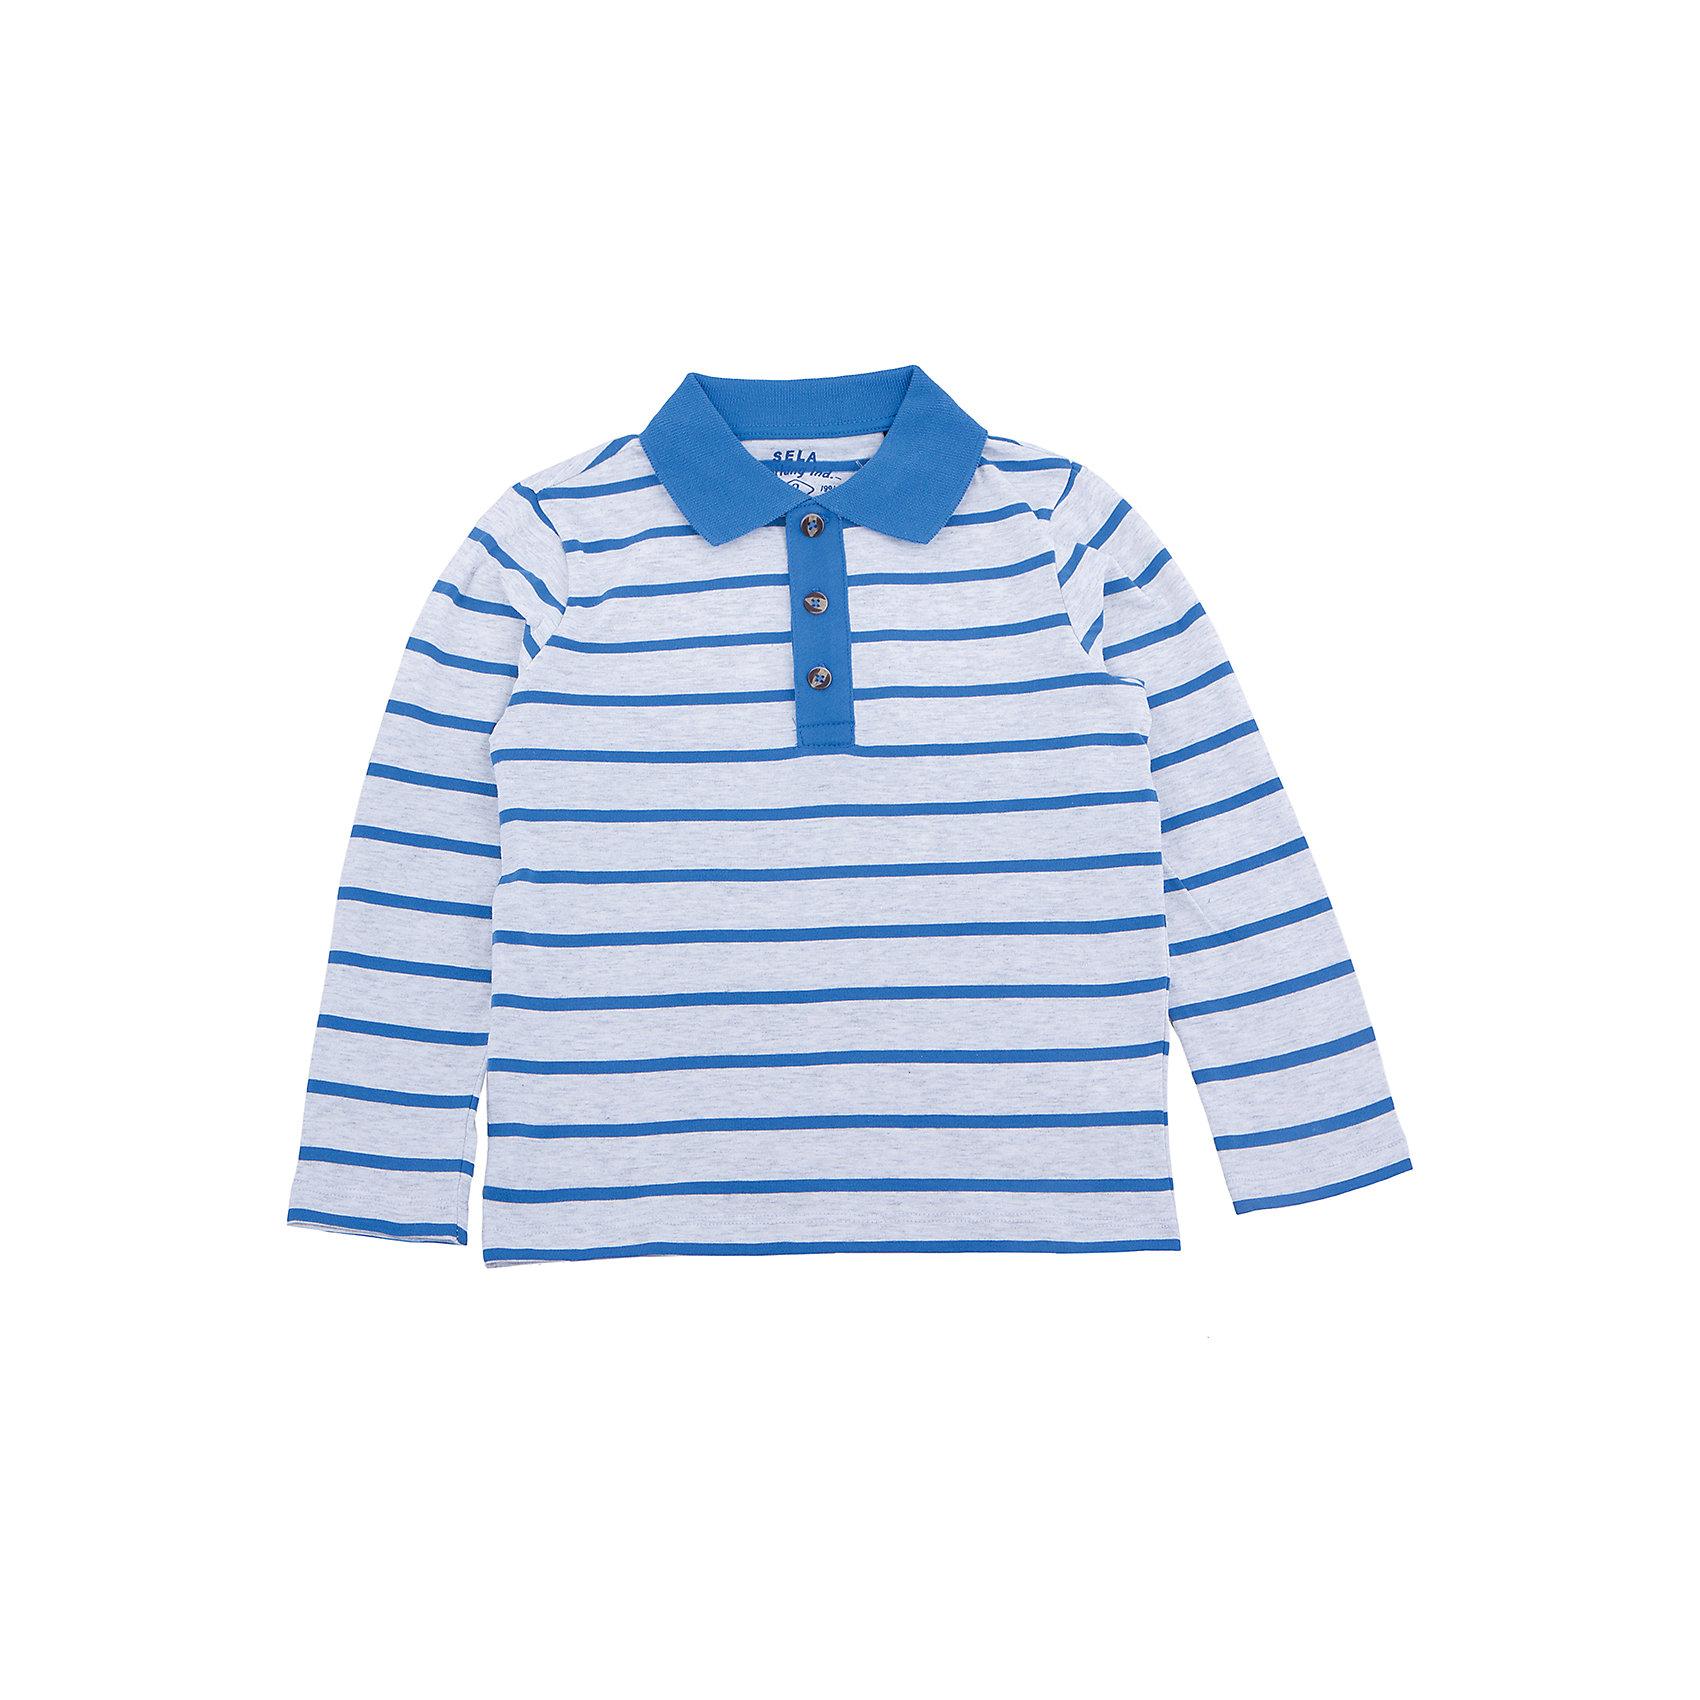 Рубашка-поло для мальчика SELAФутболки с длинным рукавом<br>Характеристики товара:<br><br>• цвет: серый в полоску<br>• состав: 100% хлопок<br>• пуговицы<br>• сезон: демисезон<br>• рукава длинные<br>• отложной воротник<br>• коллекция весна-лето 2017<br>• страна бренда: Российская Федерация<br><br>Вещи из новой коллекции SELA продолжают радовать удобством! Эта футболка с длинным рукавом для мальчика поможет разнообразить гардероб ребенка и обеспечить комфорт. Она отлично сочетается с шортами и брюками. Стильная и удобная вещь!<br><br>Одежда, обувь и аксессуары от российского бренда SELA не зря пользуются большой популярностью у детей и взрослых! <br><br>Рубашку-поло для мальчика от популярного бренда SELA (СЕЛА) можно купить в нашем интернет-магазине.<br><br>Ширина мм: 174<br>Глубина мм: 10<br>Высота мм: 169<br>Вес г: 157<br>Цвет: серый<br>Возраст от месяцев: 18<br>Возраст до месяцев: 24<br>Пол: Мужской<br>Возраст: Детский<br>Размер: 92,116,110,104,98<br>SKU: 5306958